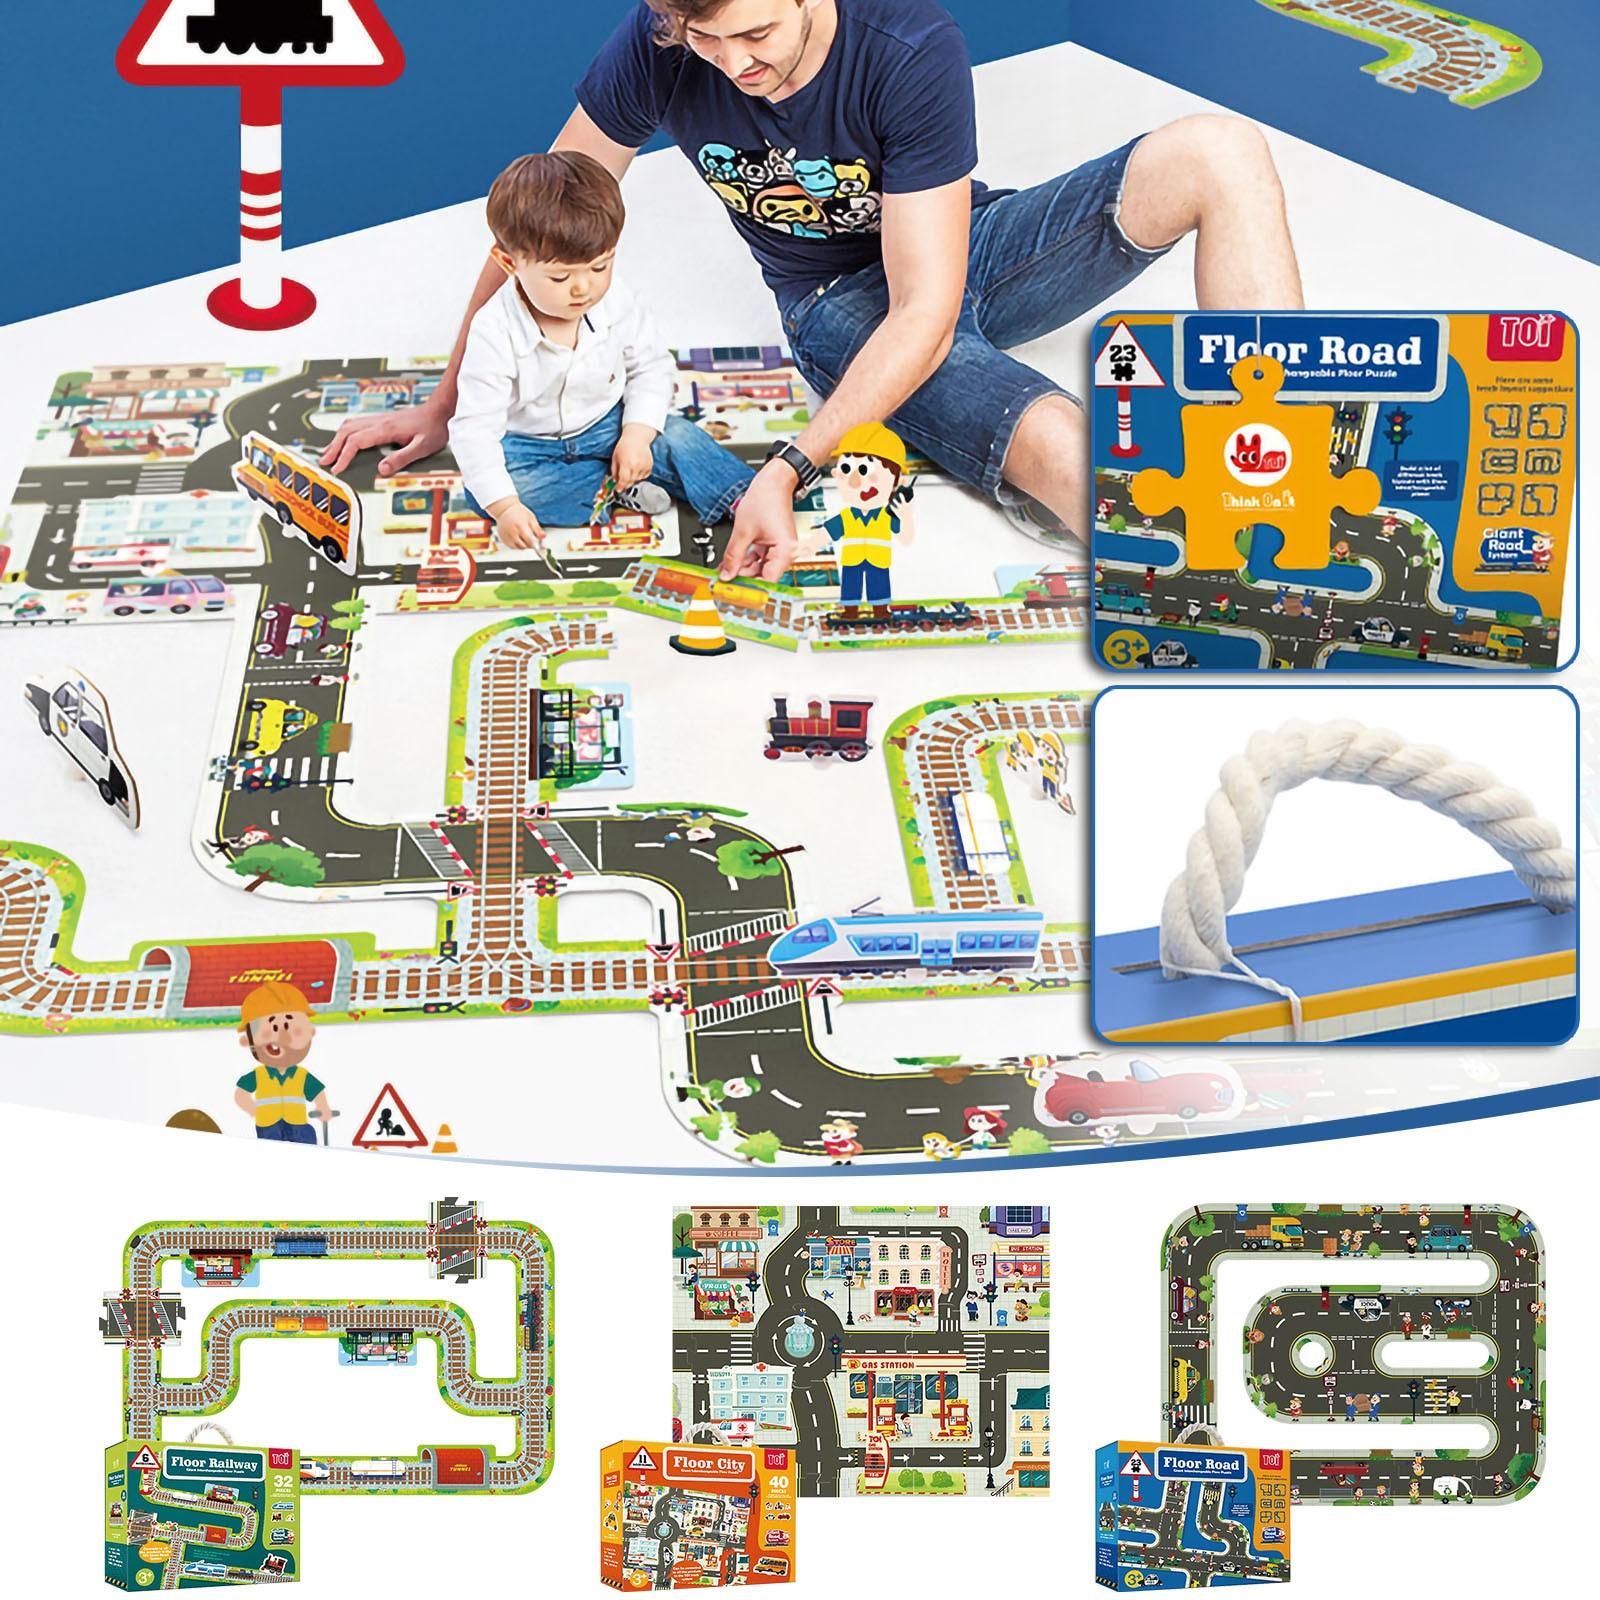 الأطفال المرور المسار قطعة كبيرة لغز الطفل تلعب لعبة قطار السيارة الطابق لغز المشهد مدينة التعليمية التعليم المبكر اللعب